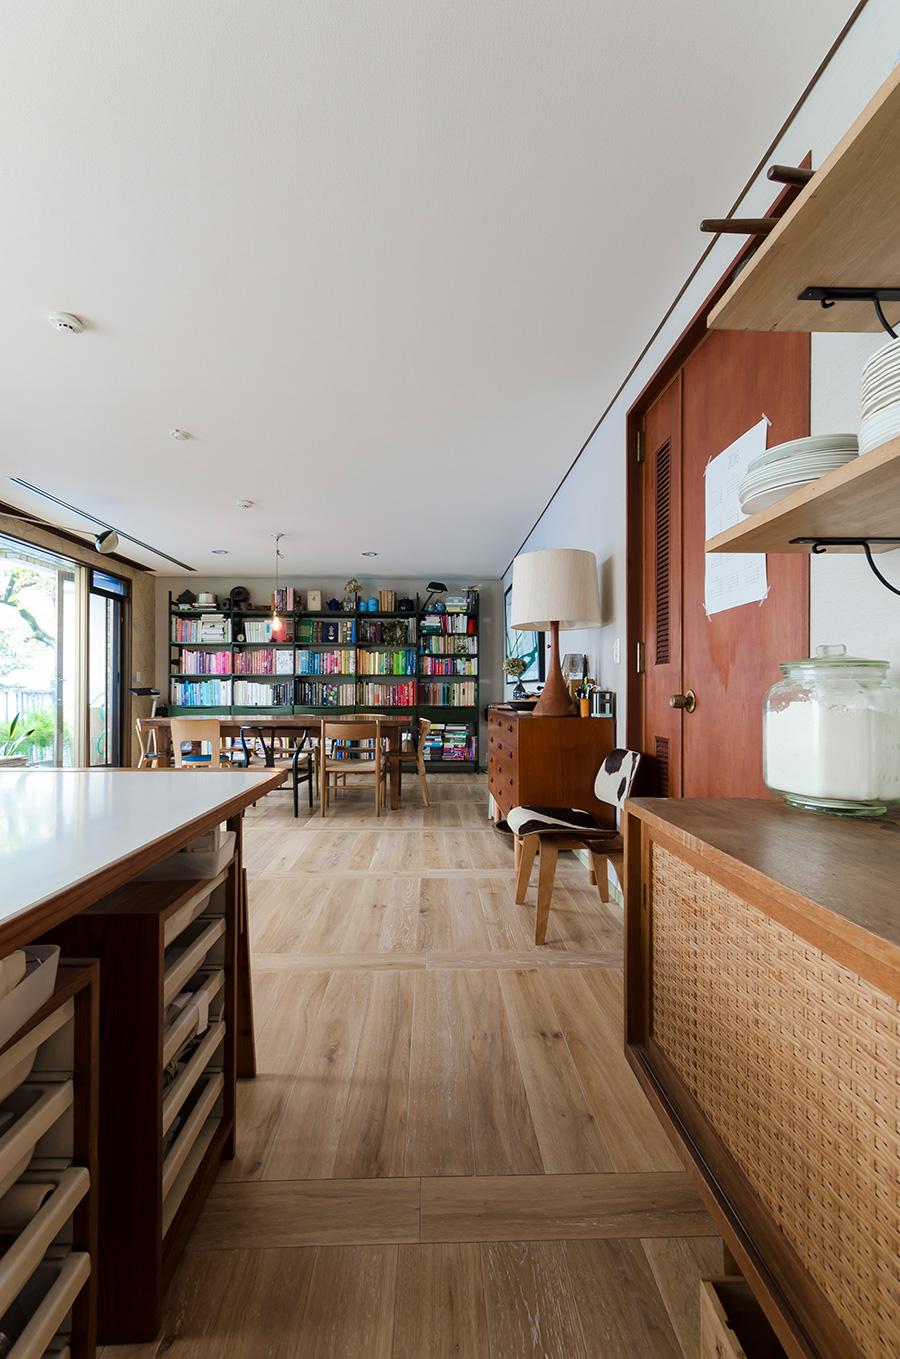 床は学校風の市松張りなど色々と考え、自分でアレンジ。規則的でリズミカルなところが、部屋のアクセントに。